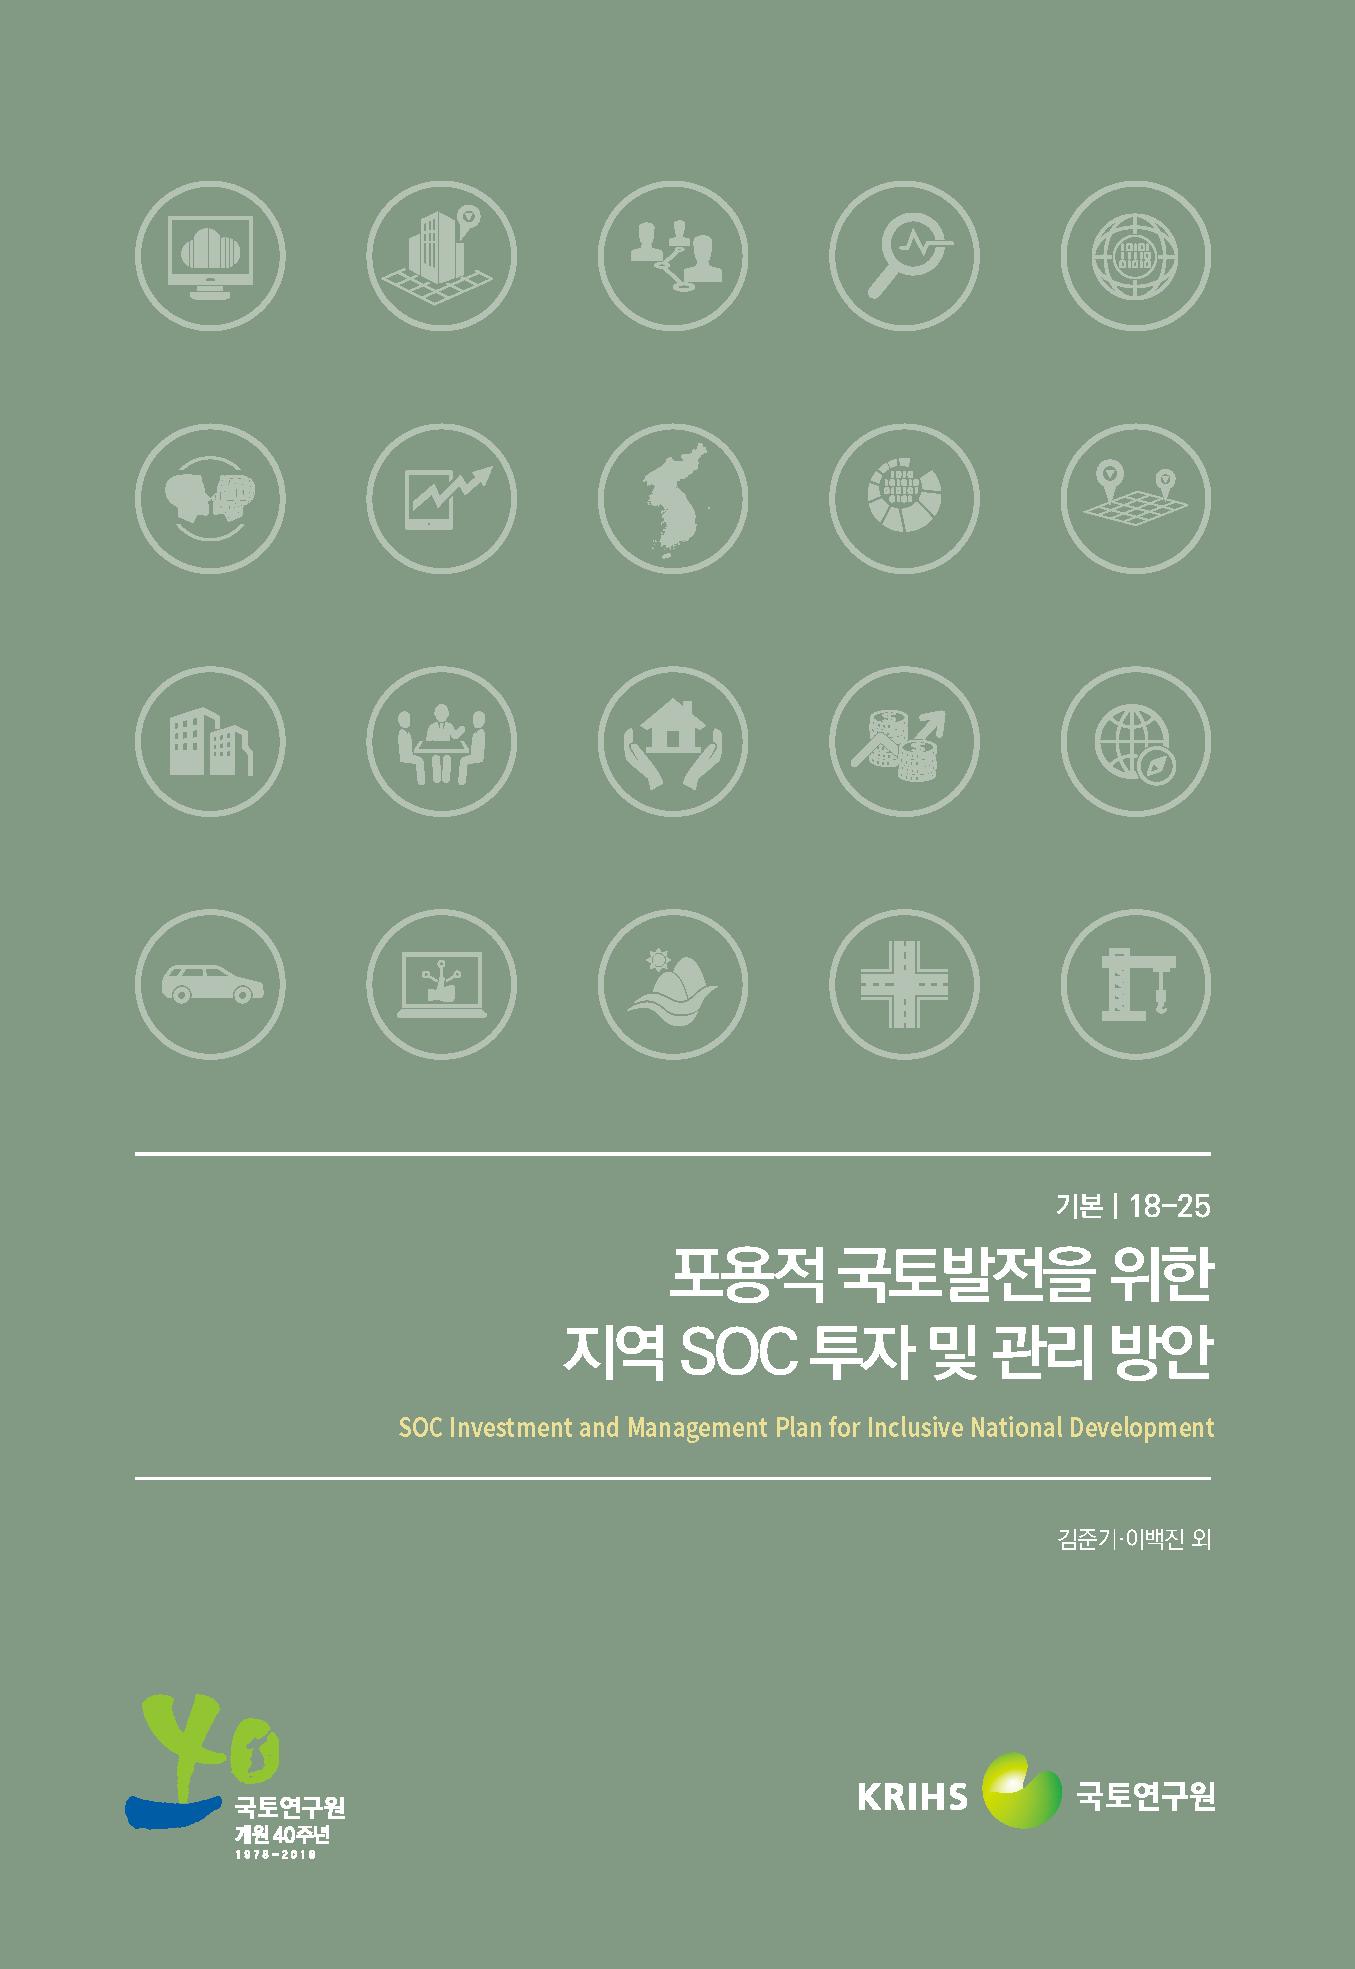 포용적 국토발전을 위한 지역 SOC 투자 및 관리 방안표지